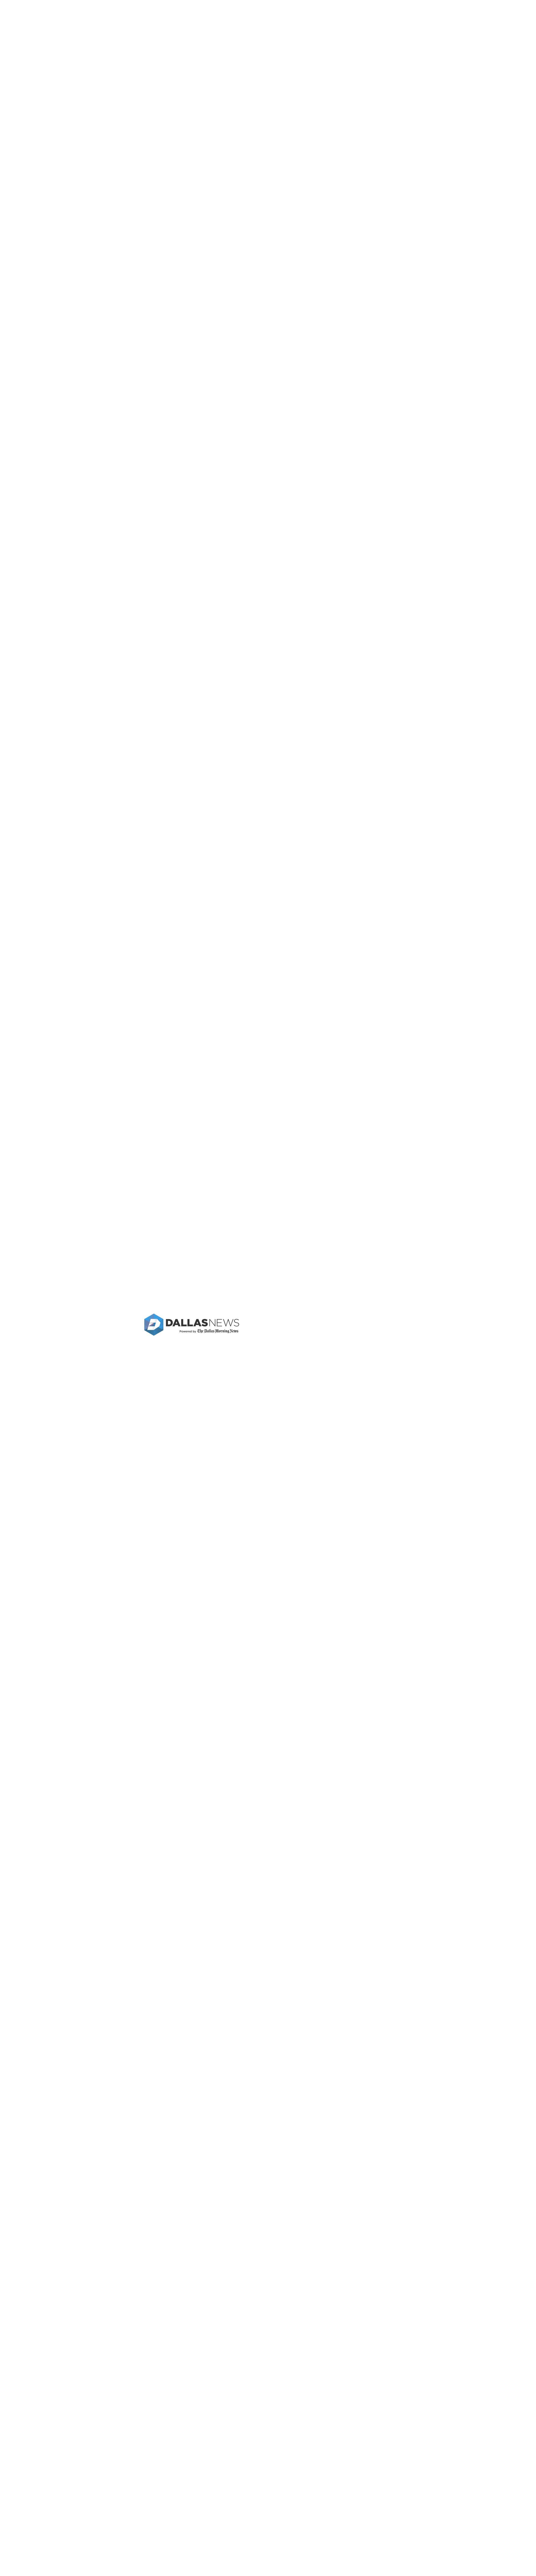 dallasnews.com at Monday March 12, 2018, 3:04 a.m. UTC